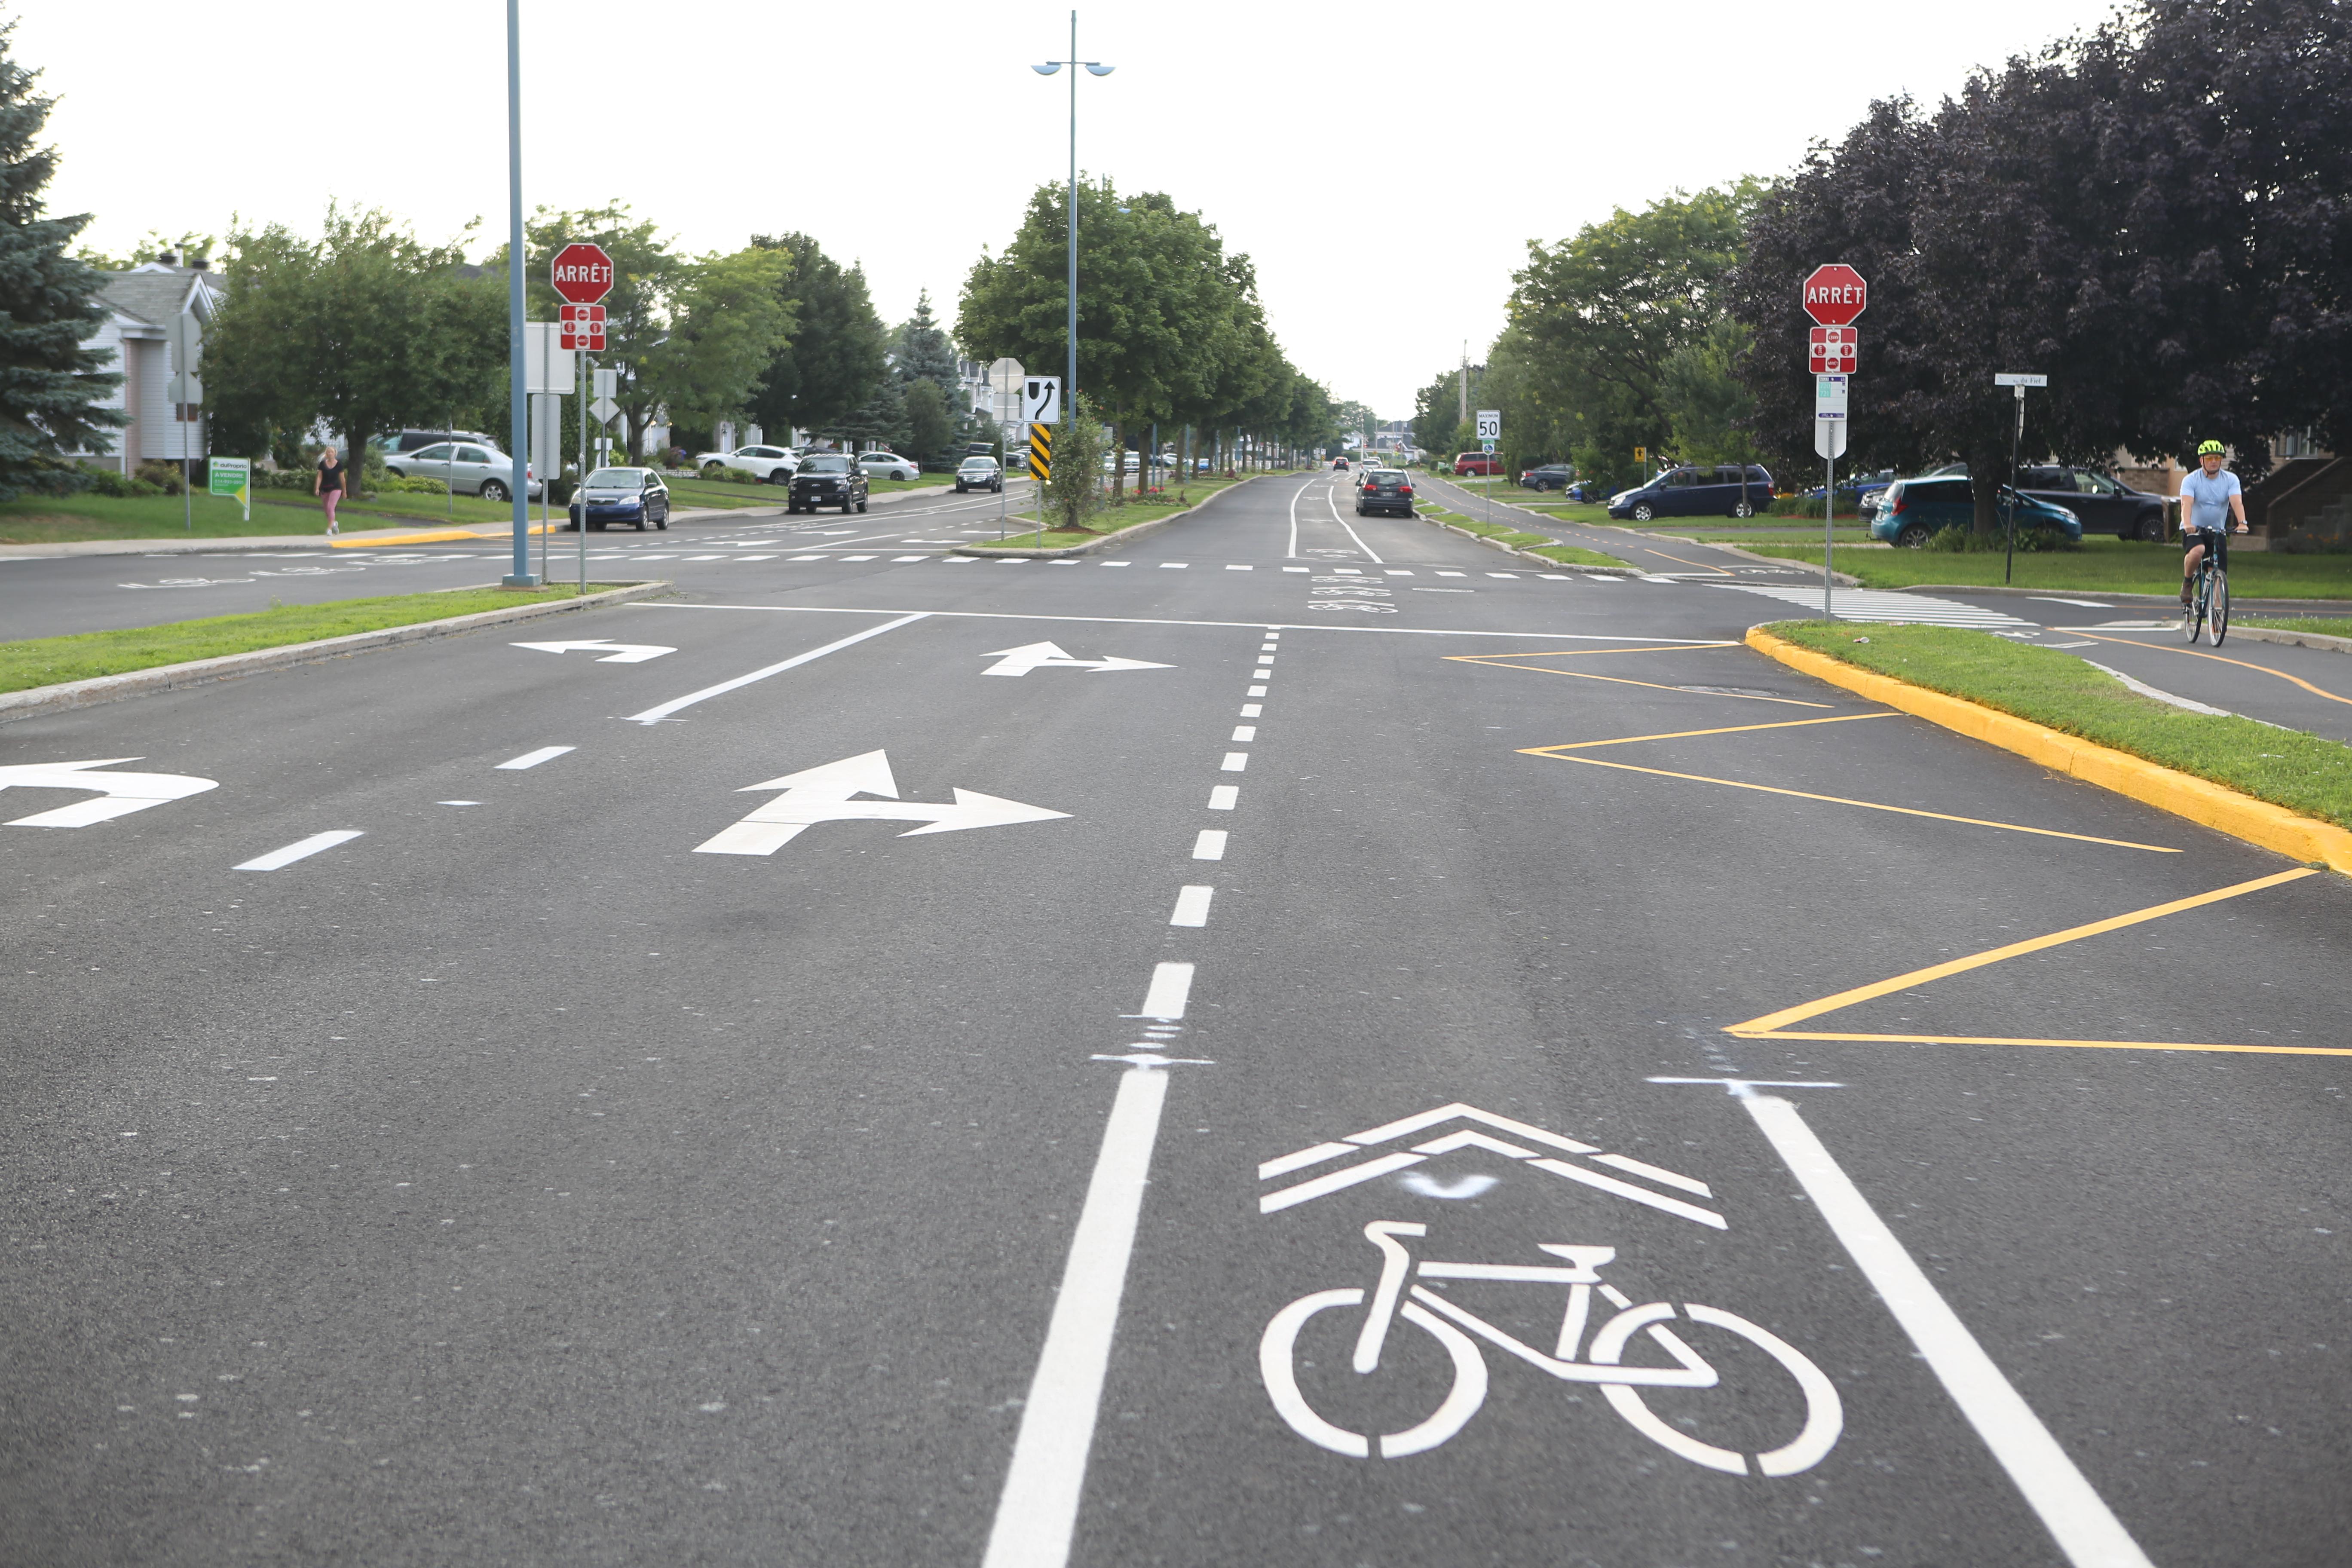 La CMM veut doubler le nombre de déplacements quotidiens à vélo d'ici 2031